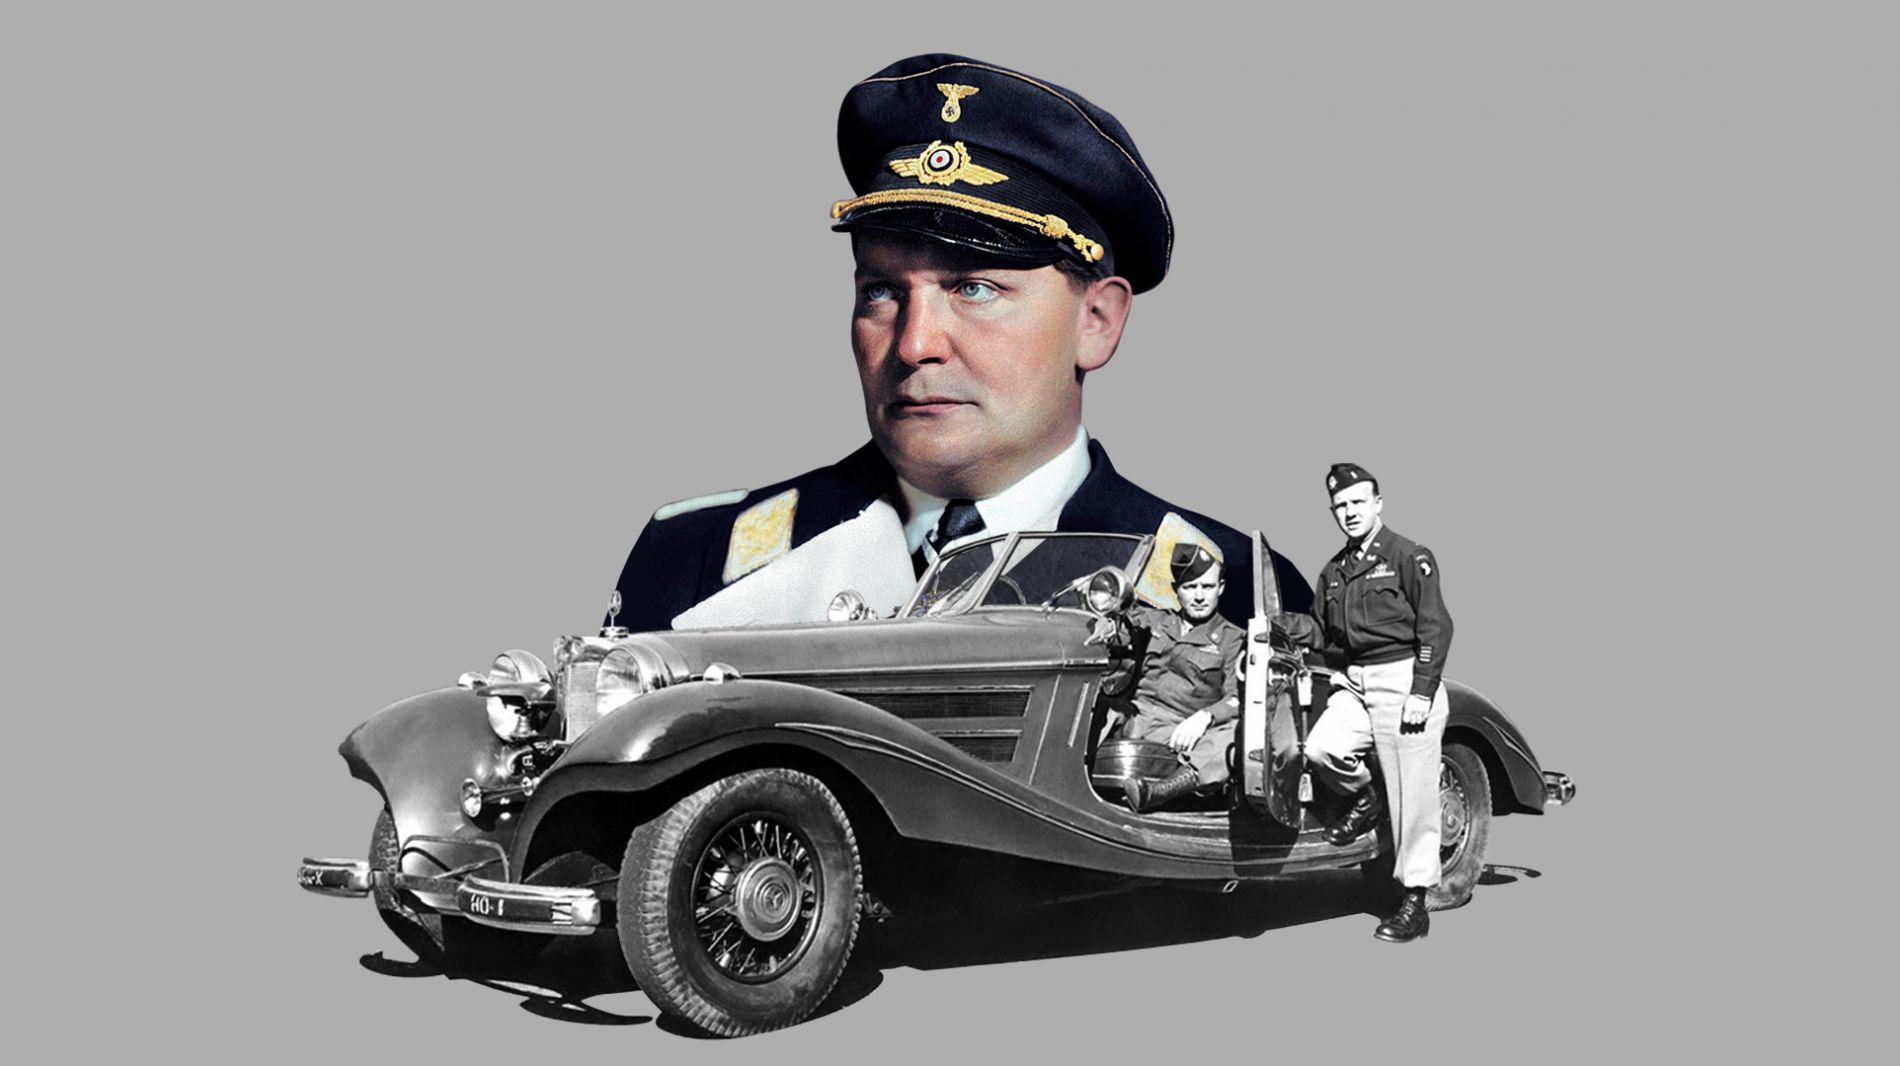 1937 Mercedes-Benz 540K - ერთი მანქანის ისტორია